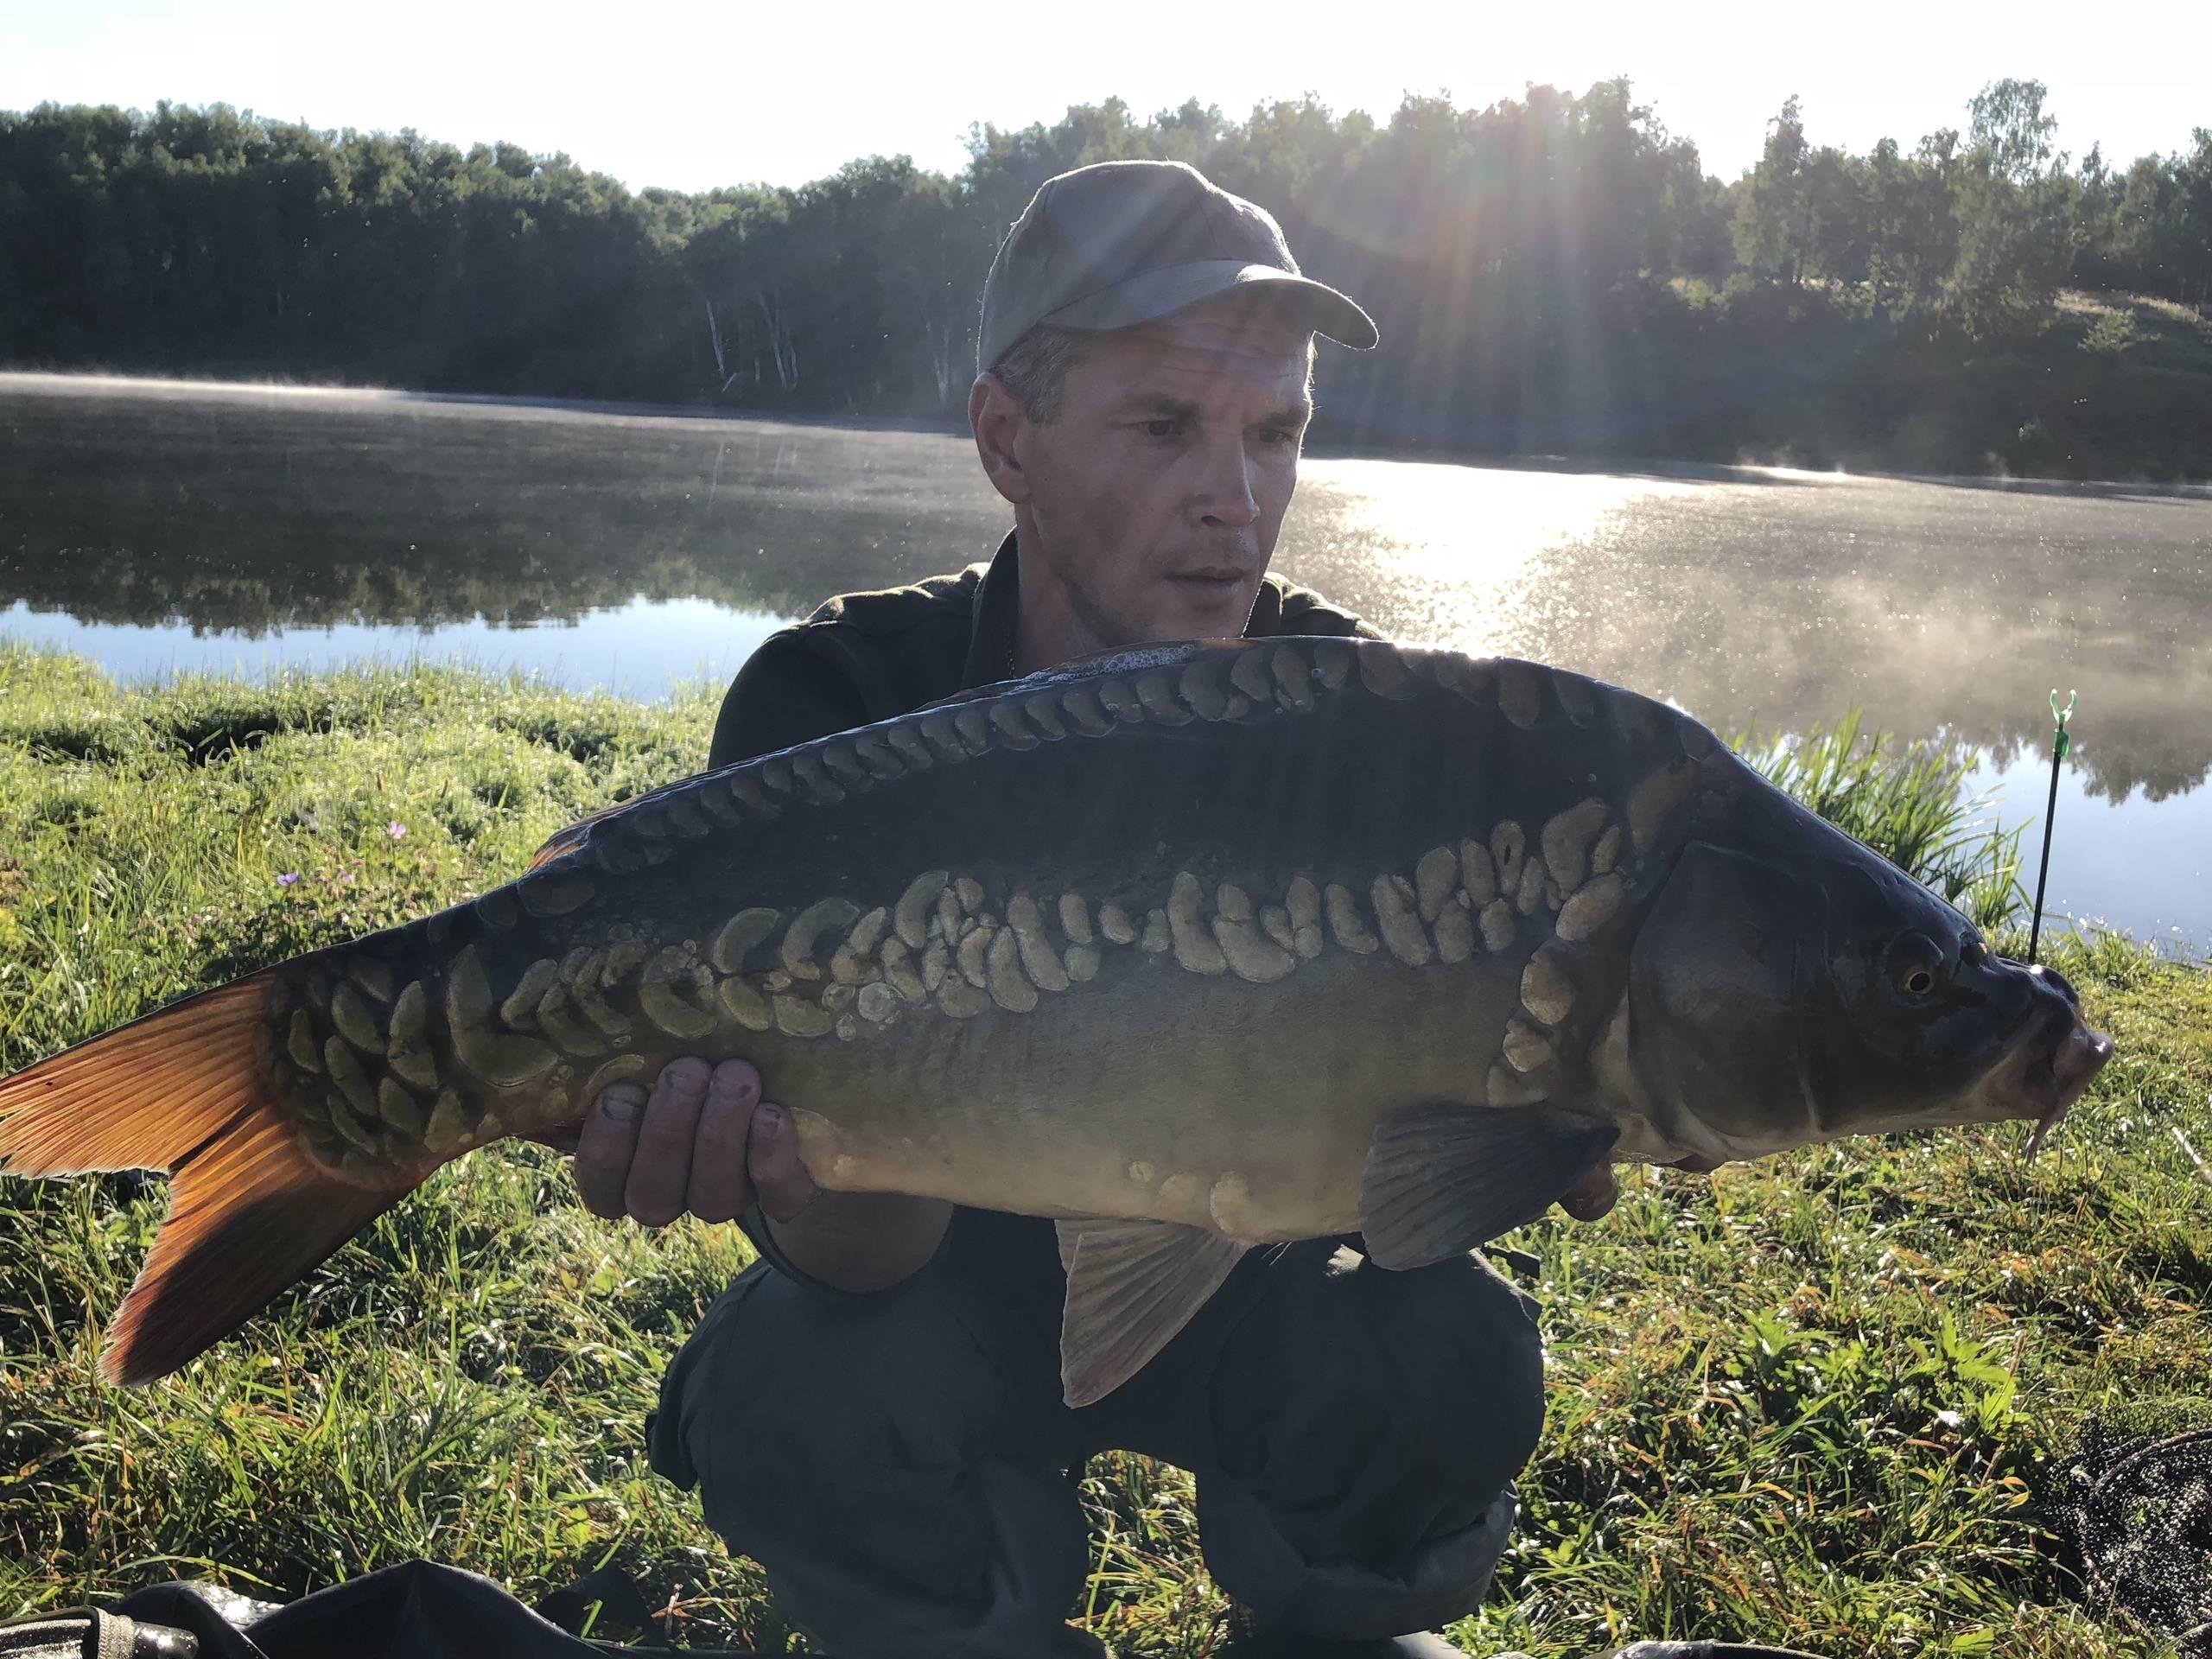 Рыбалка ульяновск - #7 - рыбалка в ульяновске